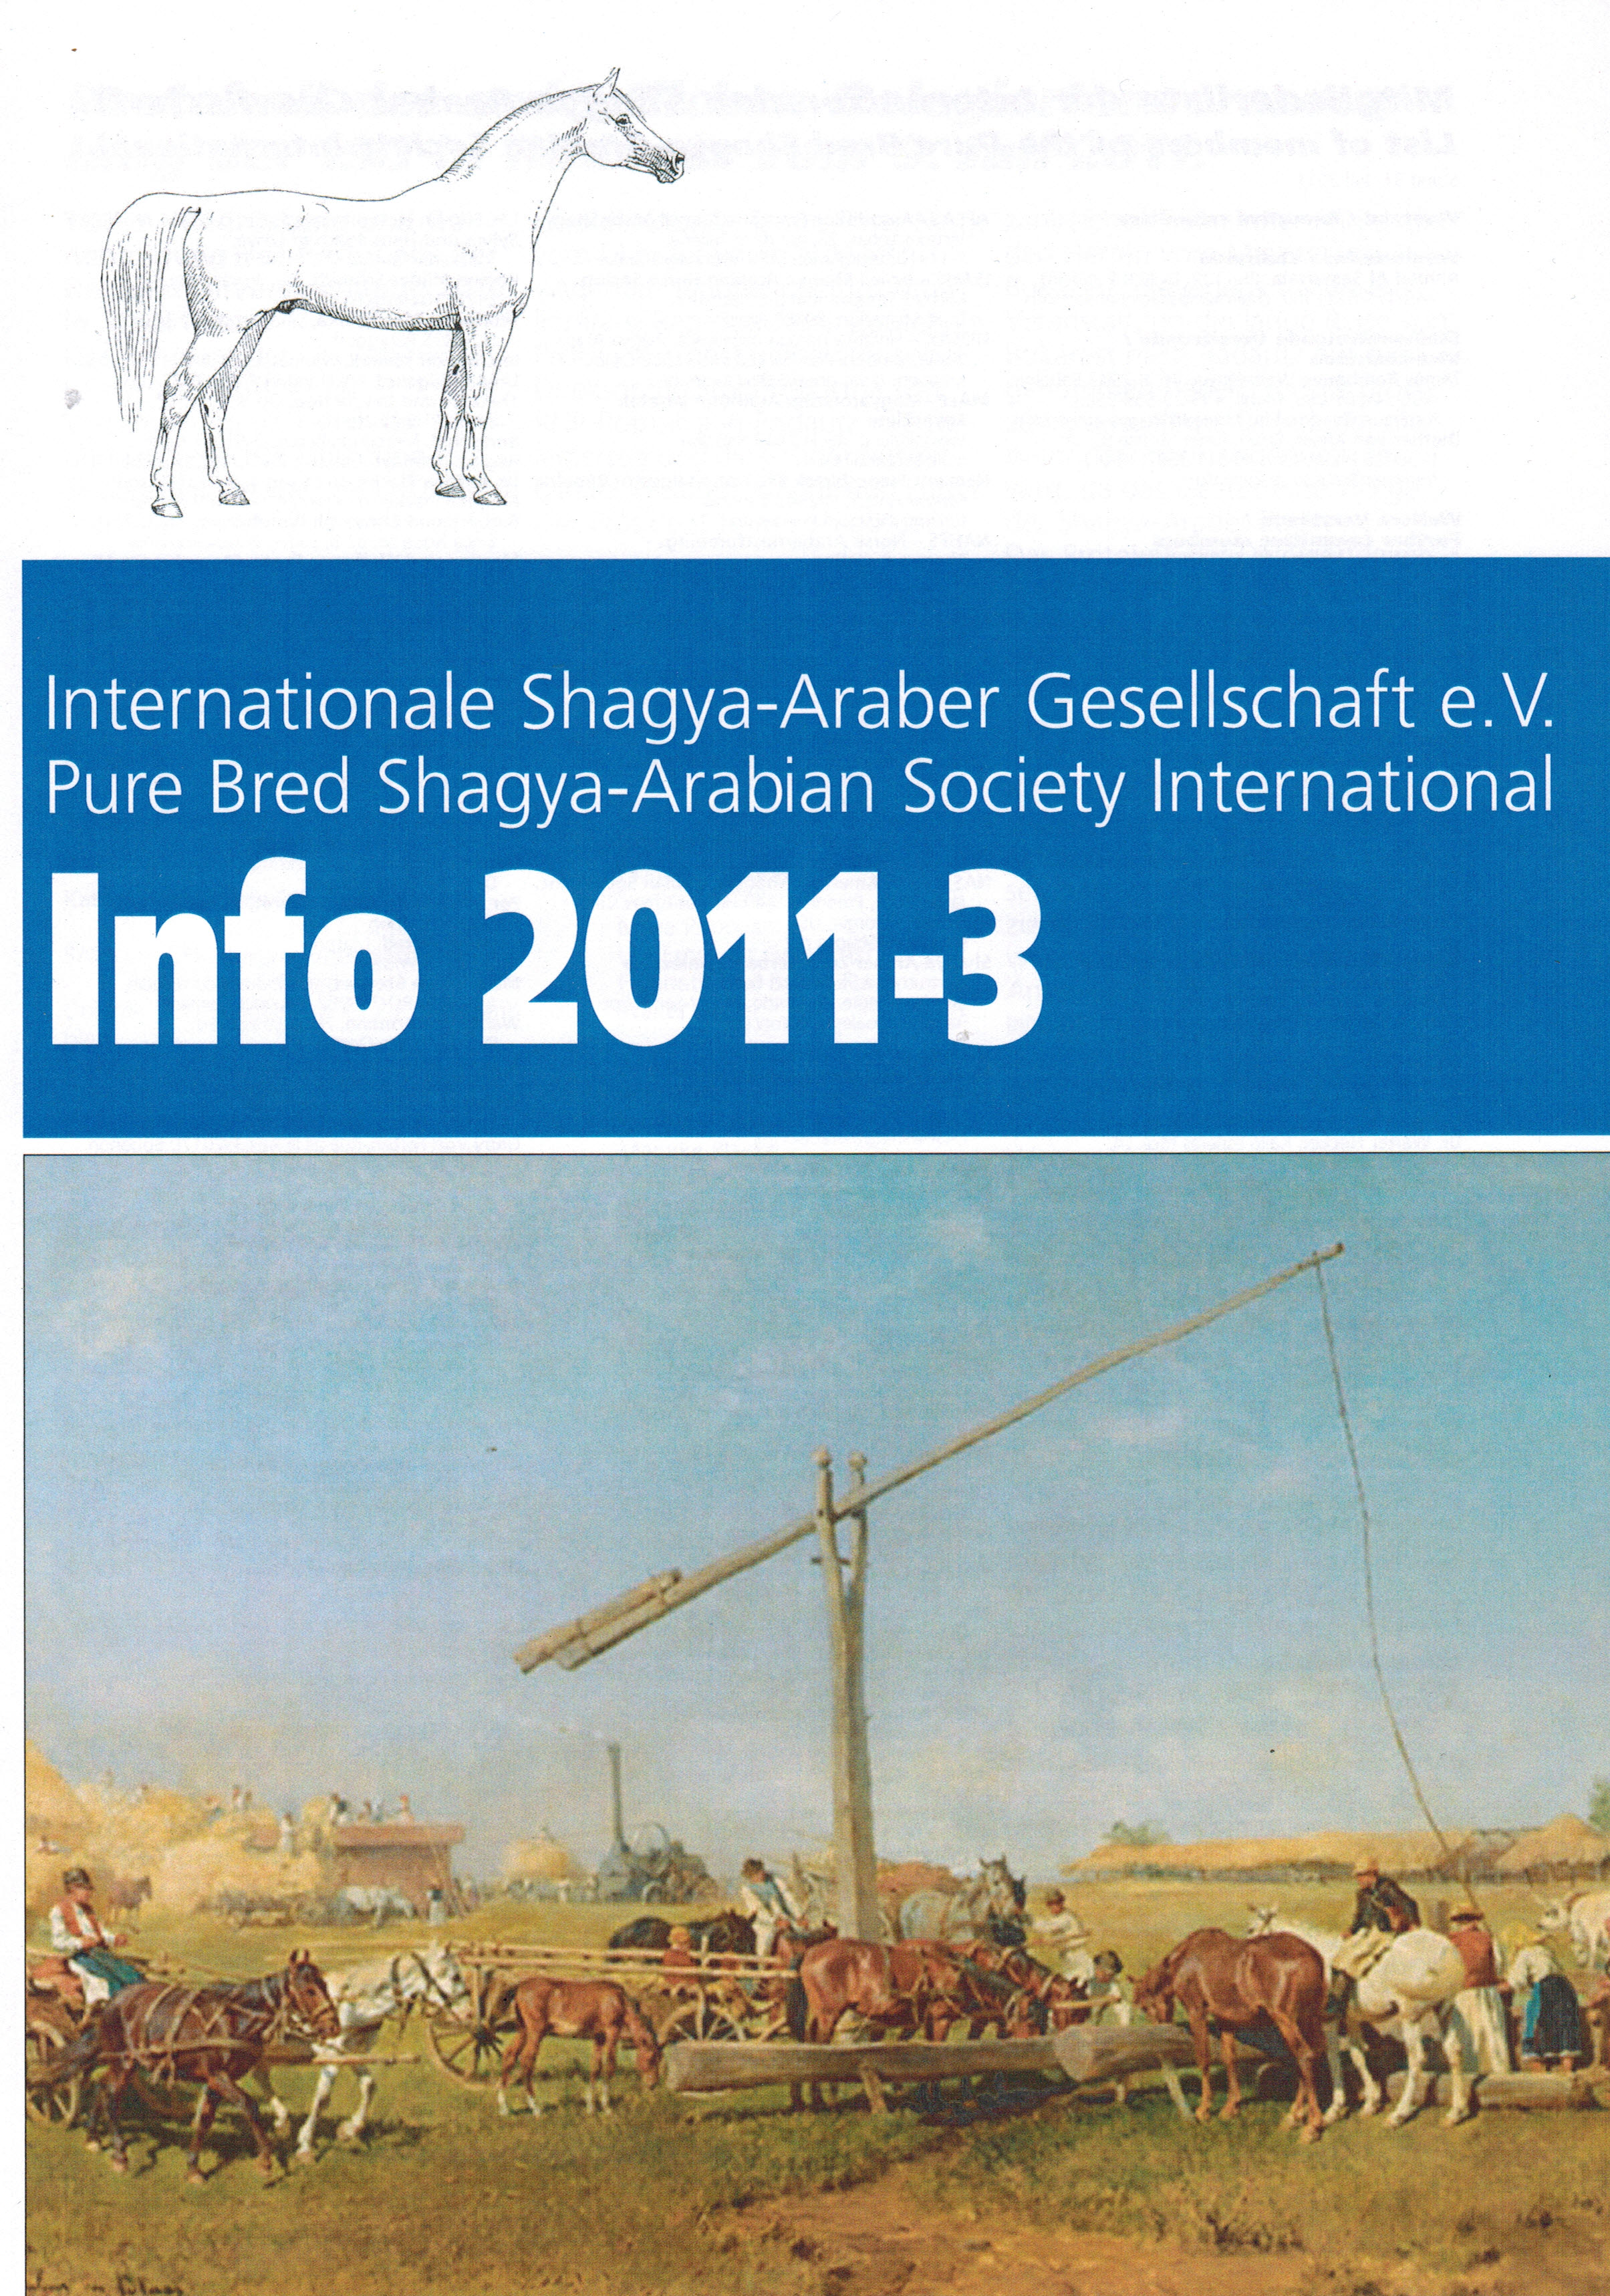 ISG und SAVS Info 2011-3